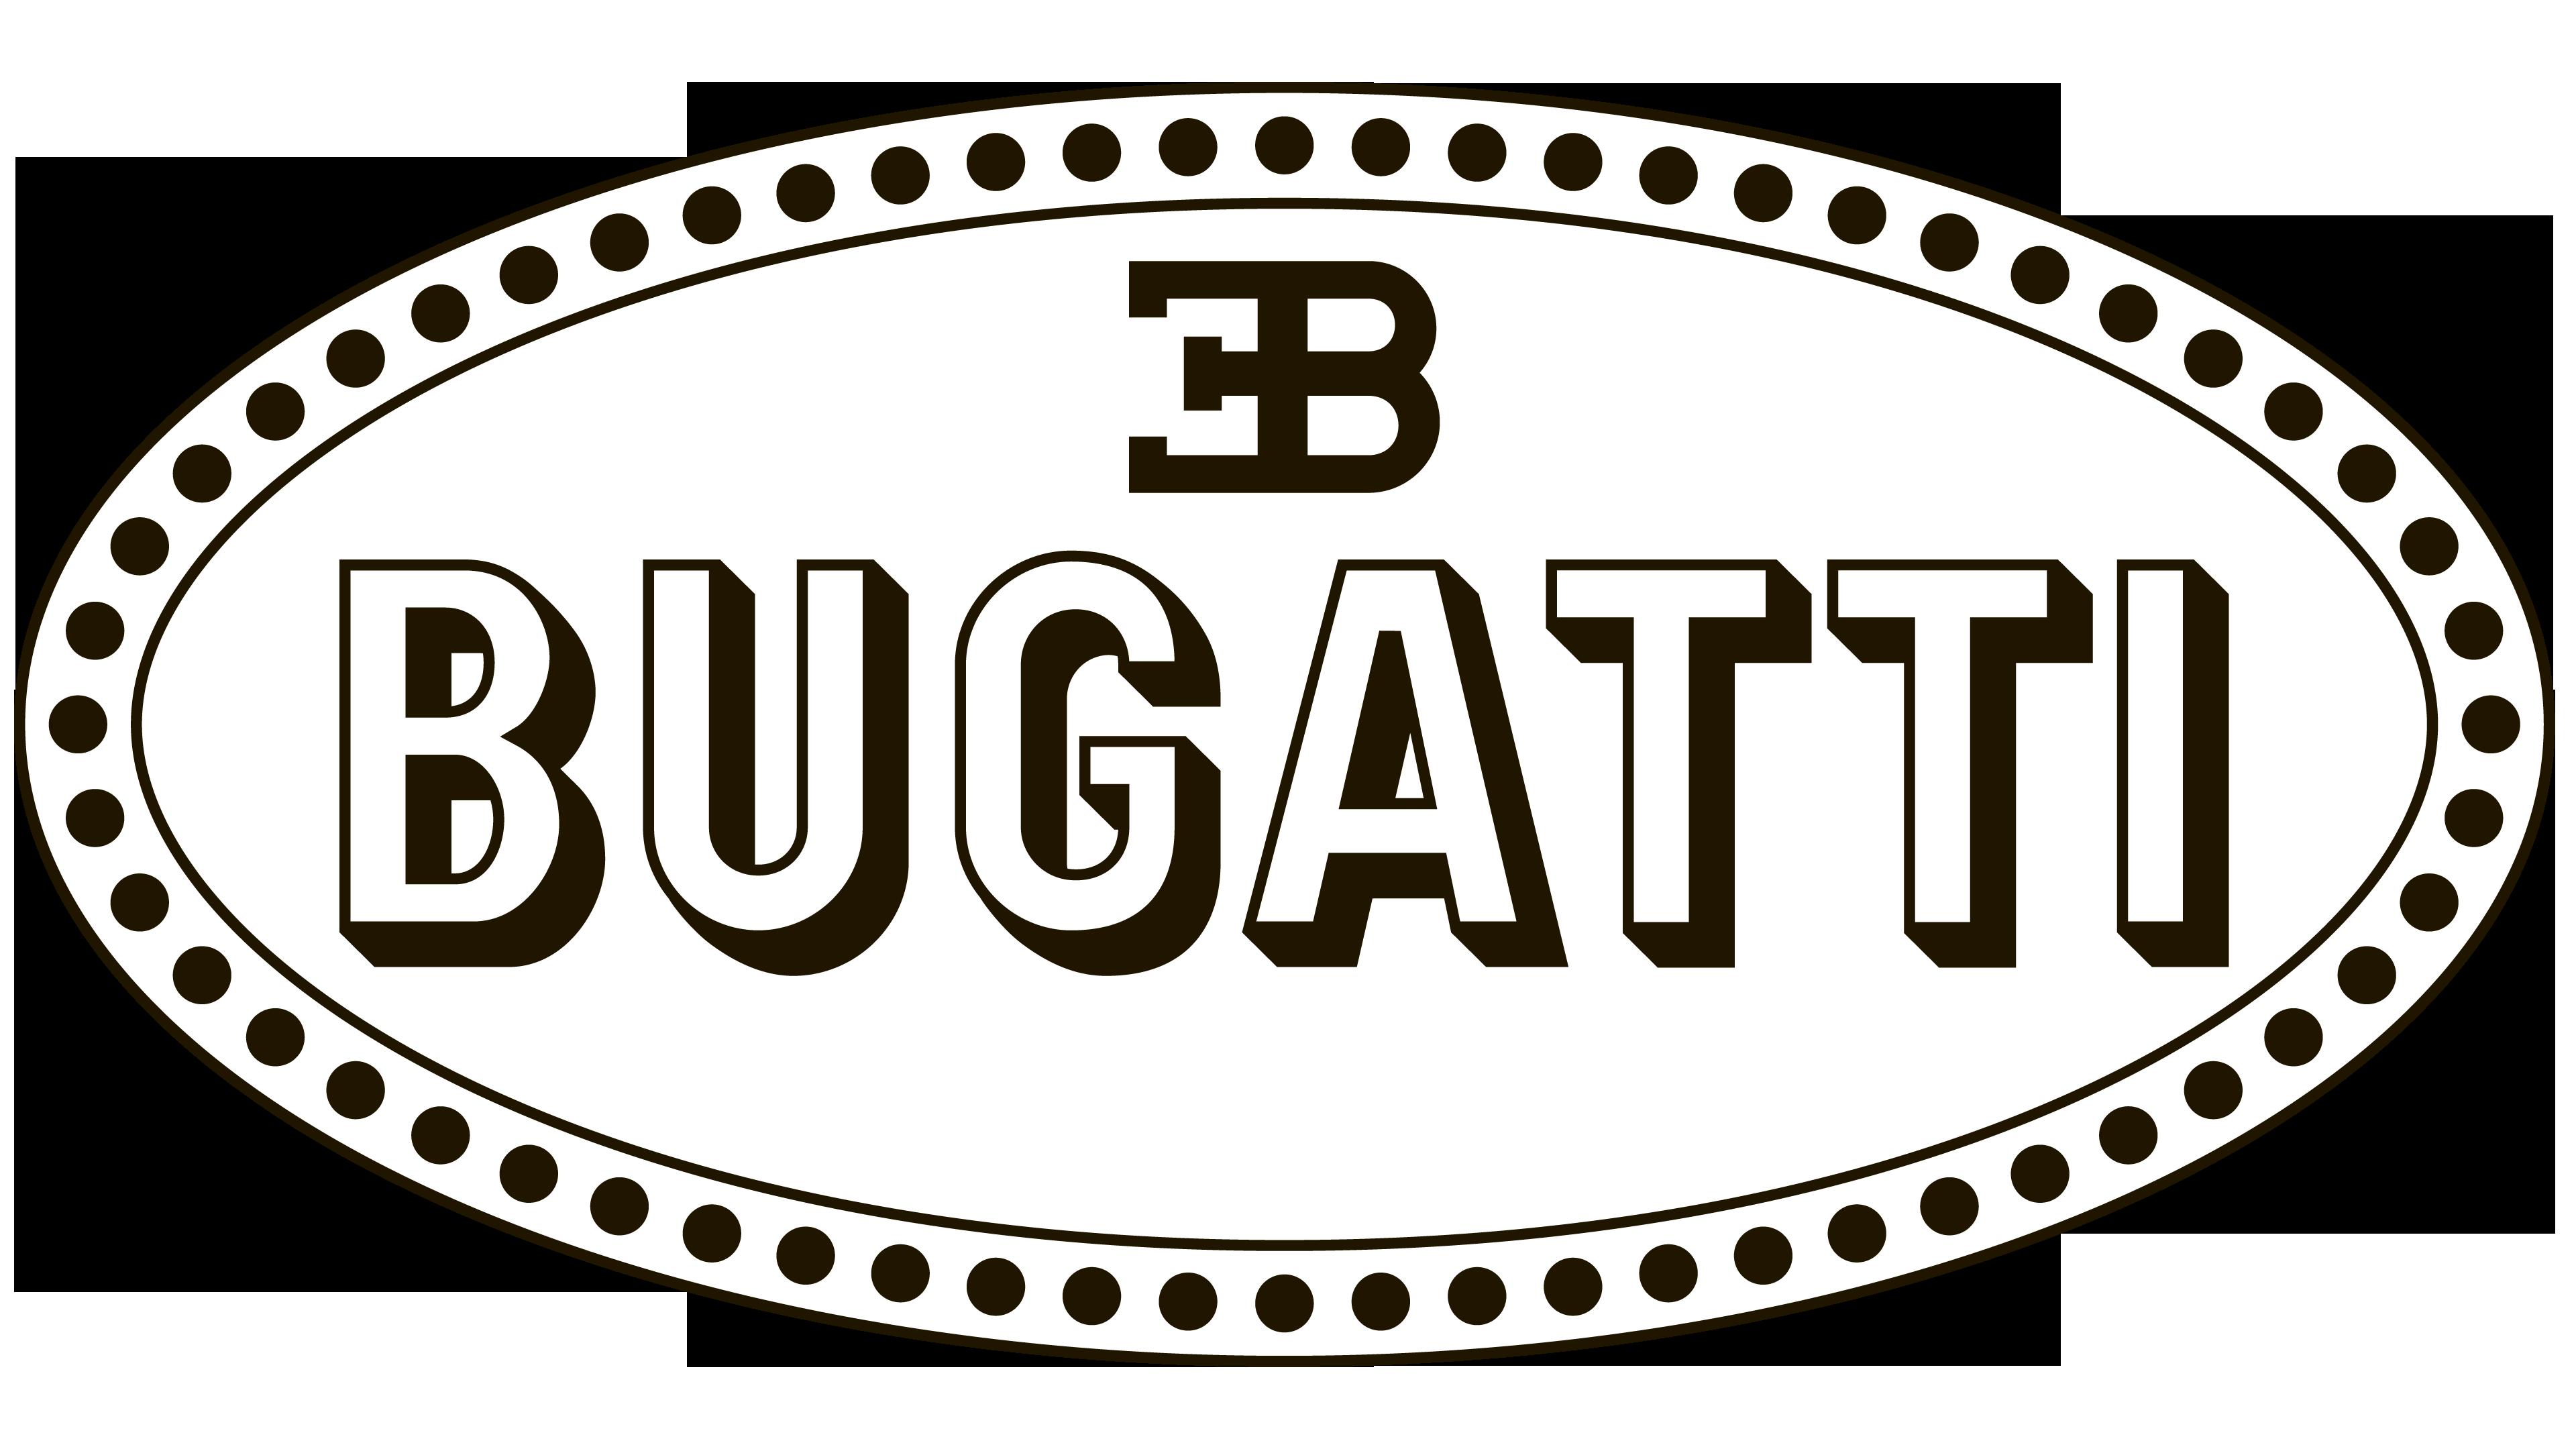 Bugatti logo Bedeutung [ZEICHEN logo, png].